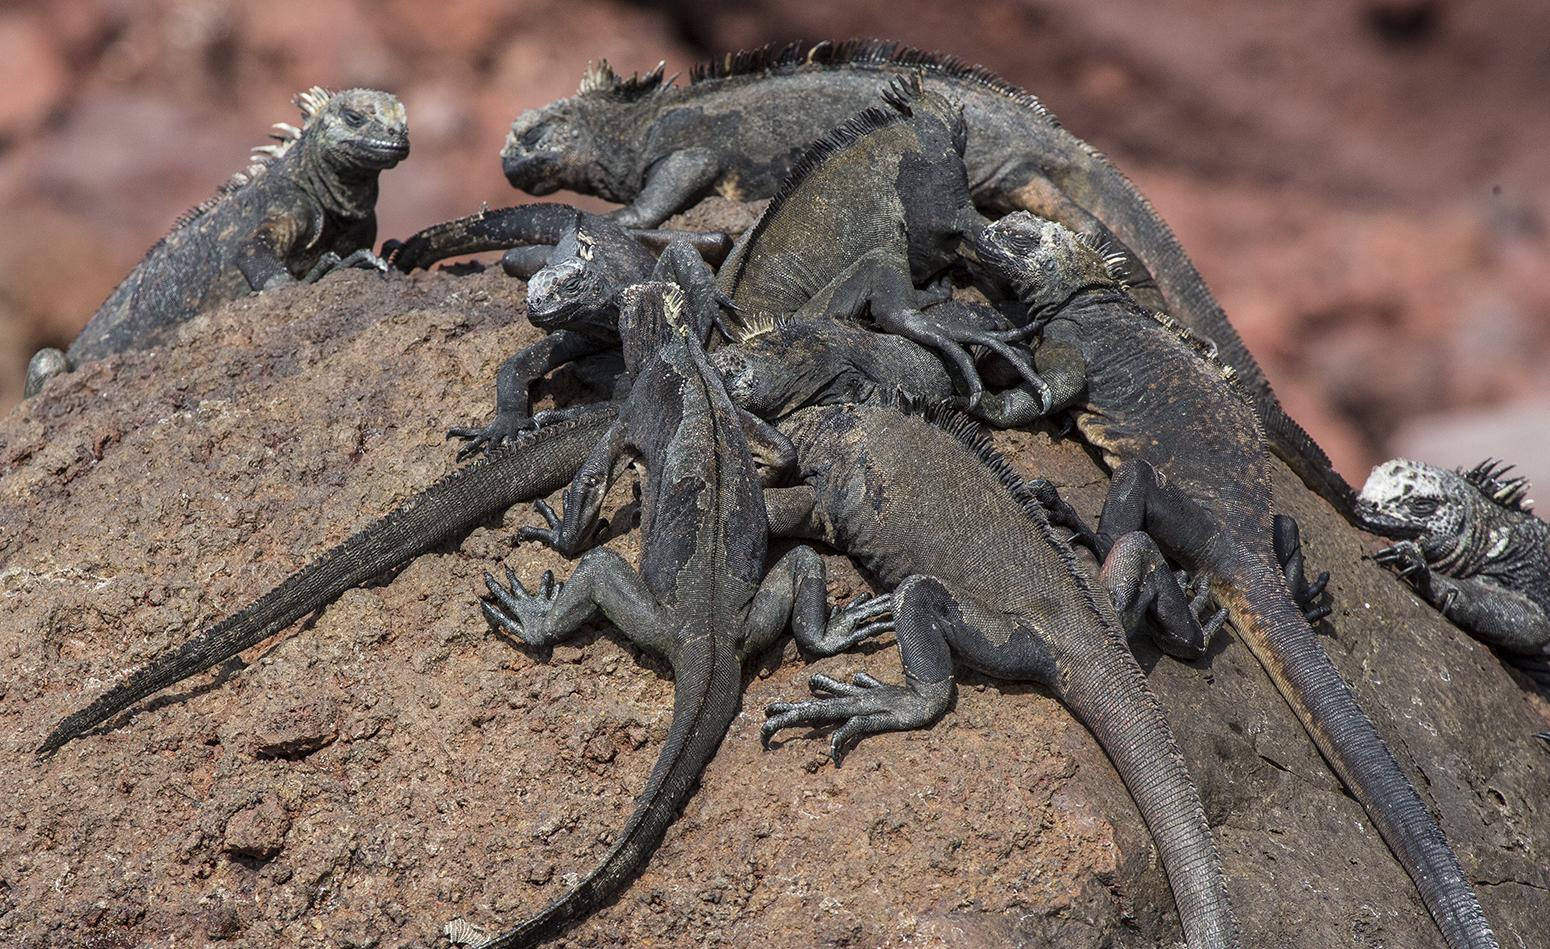 Iguanas Marinas web